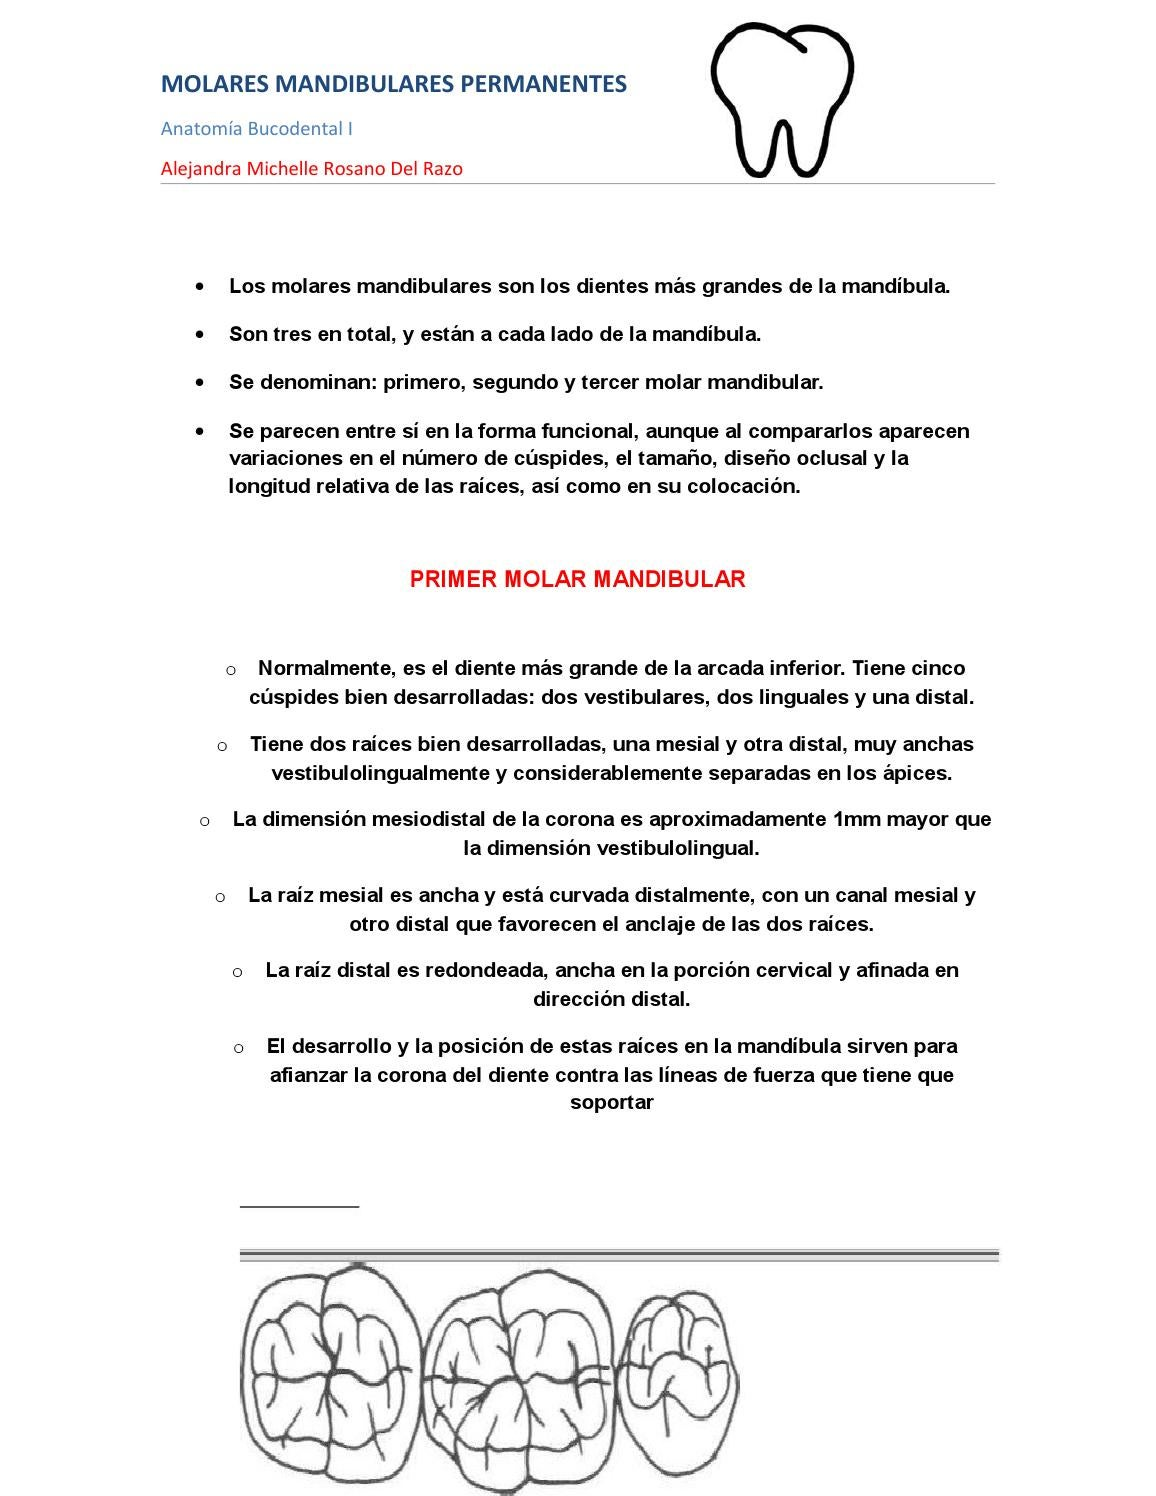 Resumen primer molar mandibular by Alejandra Michelle Del Razo - issuu